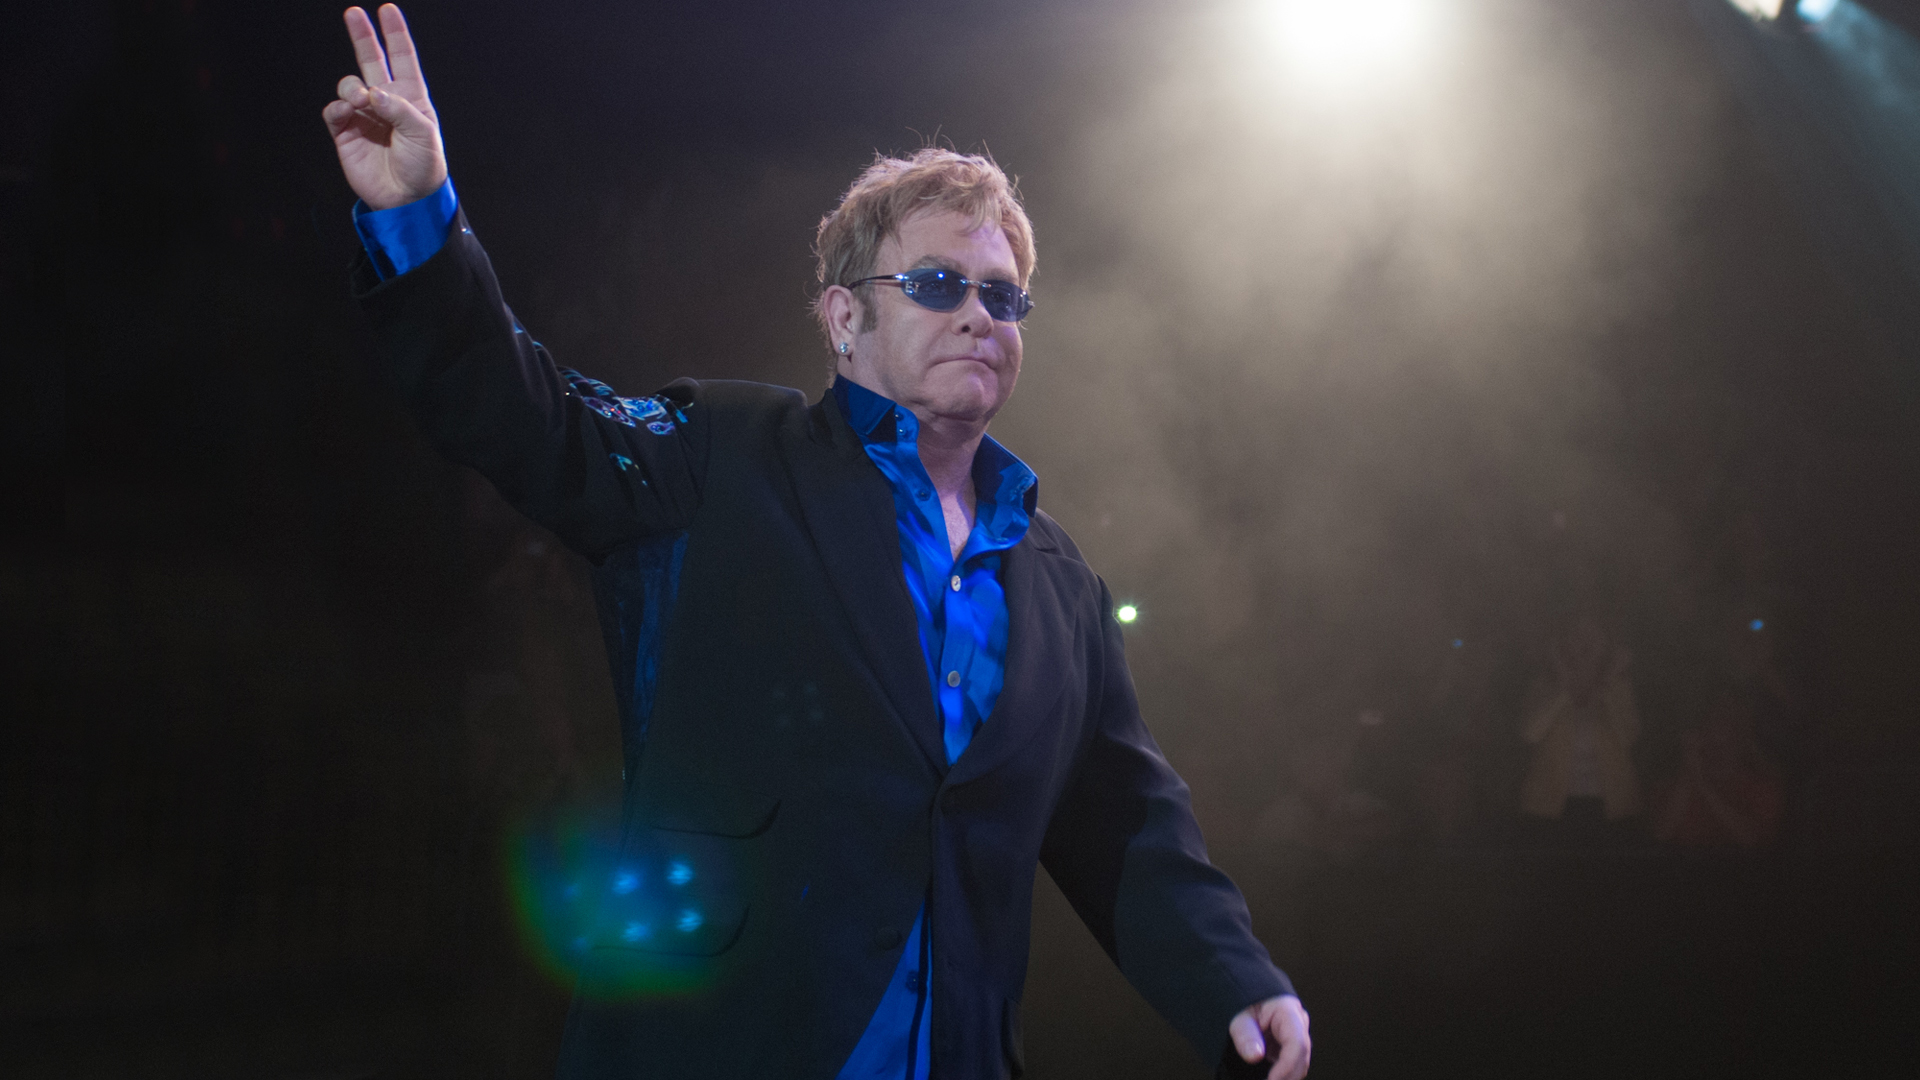 Elton John   Elton John Wallpaper 41028518 1920x1080